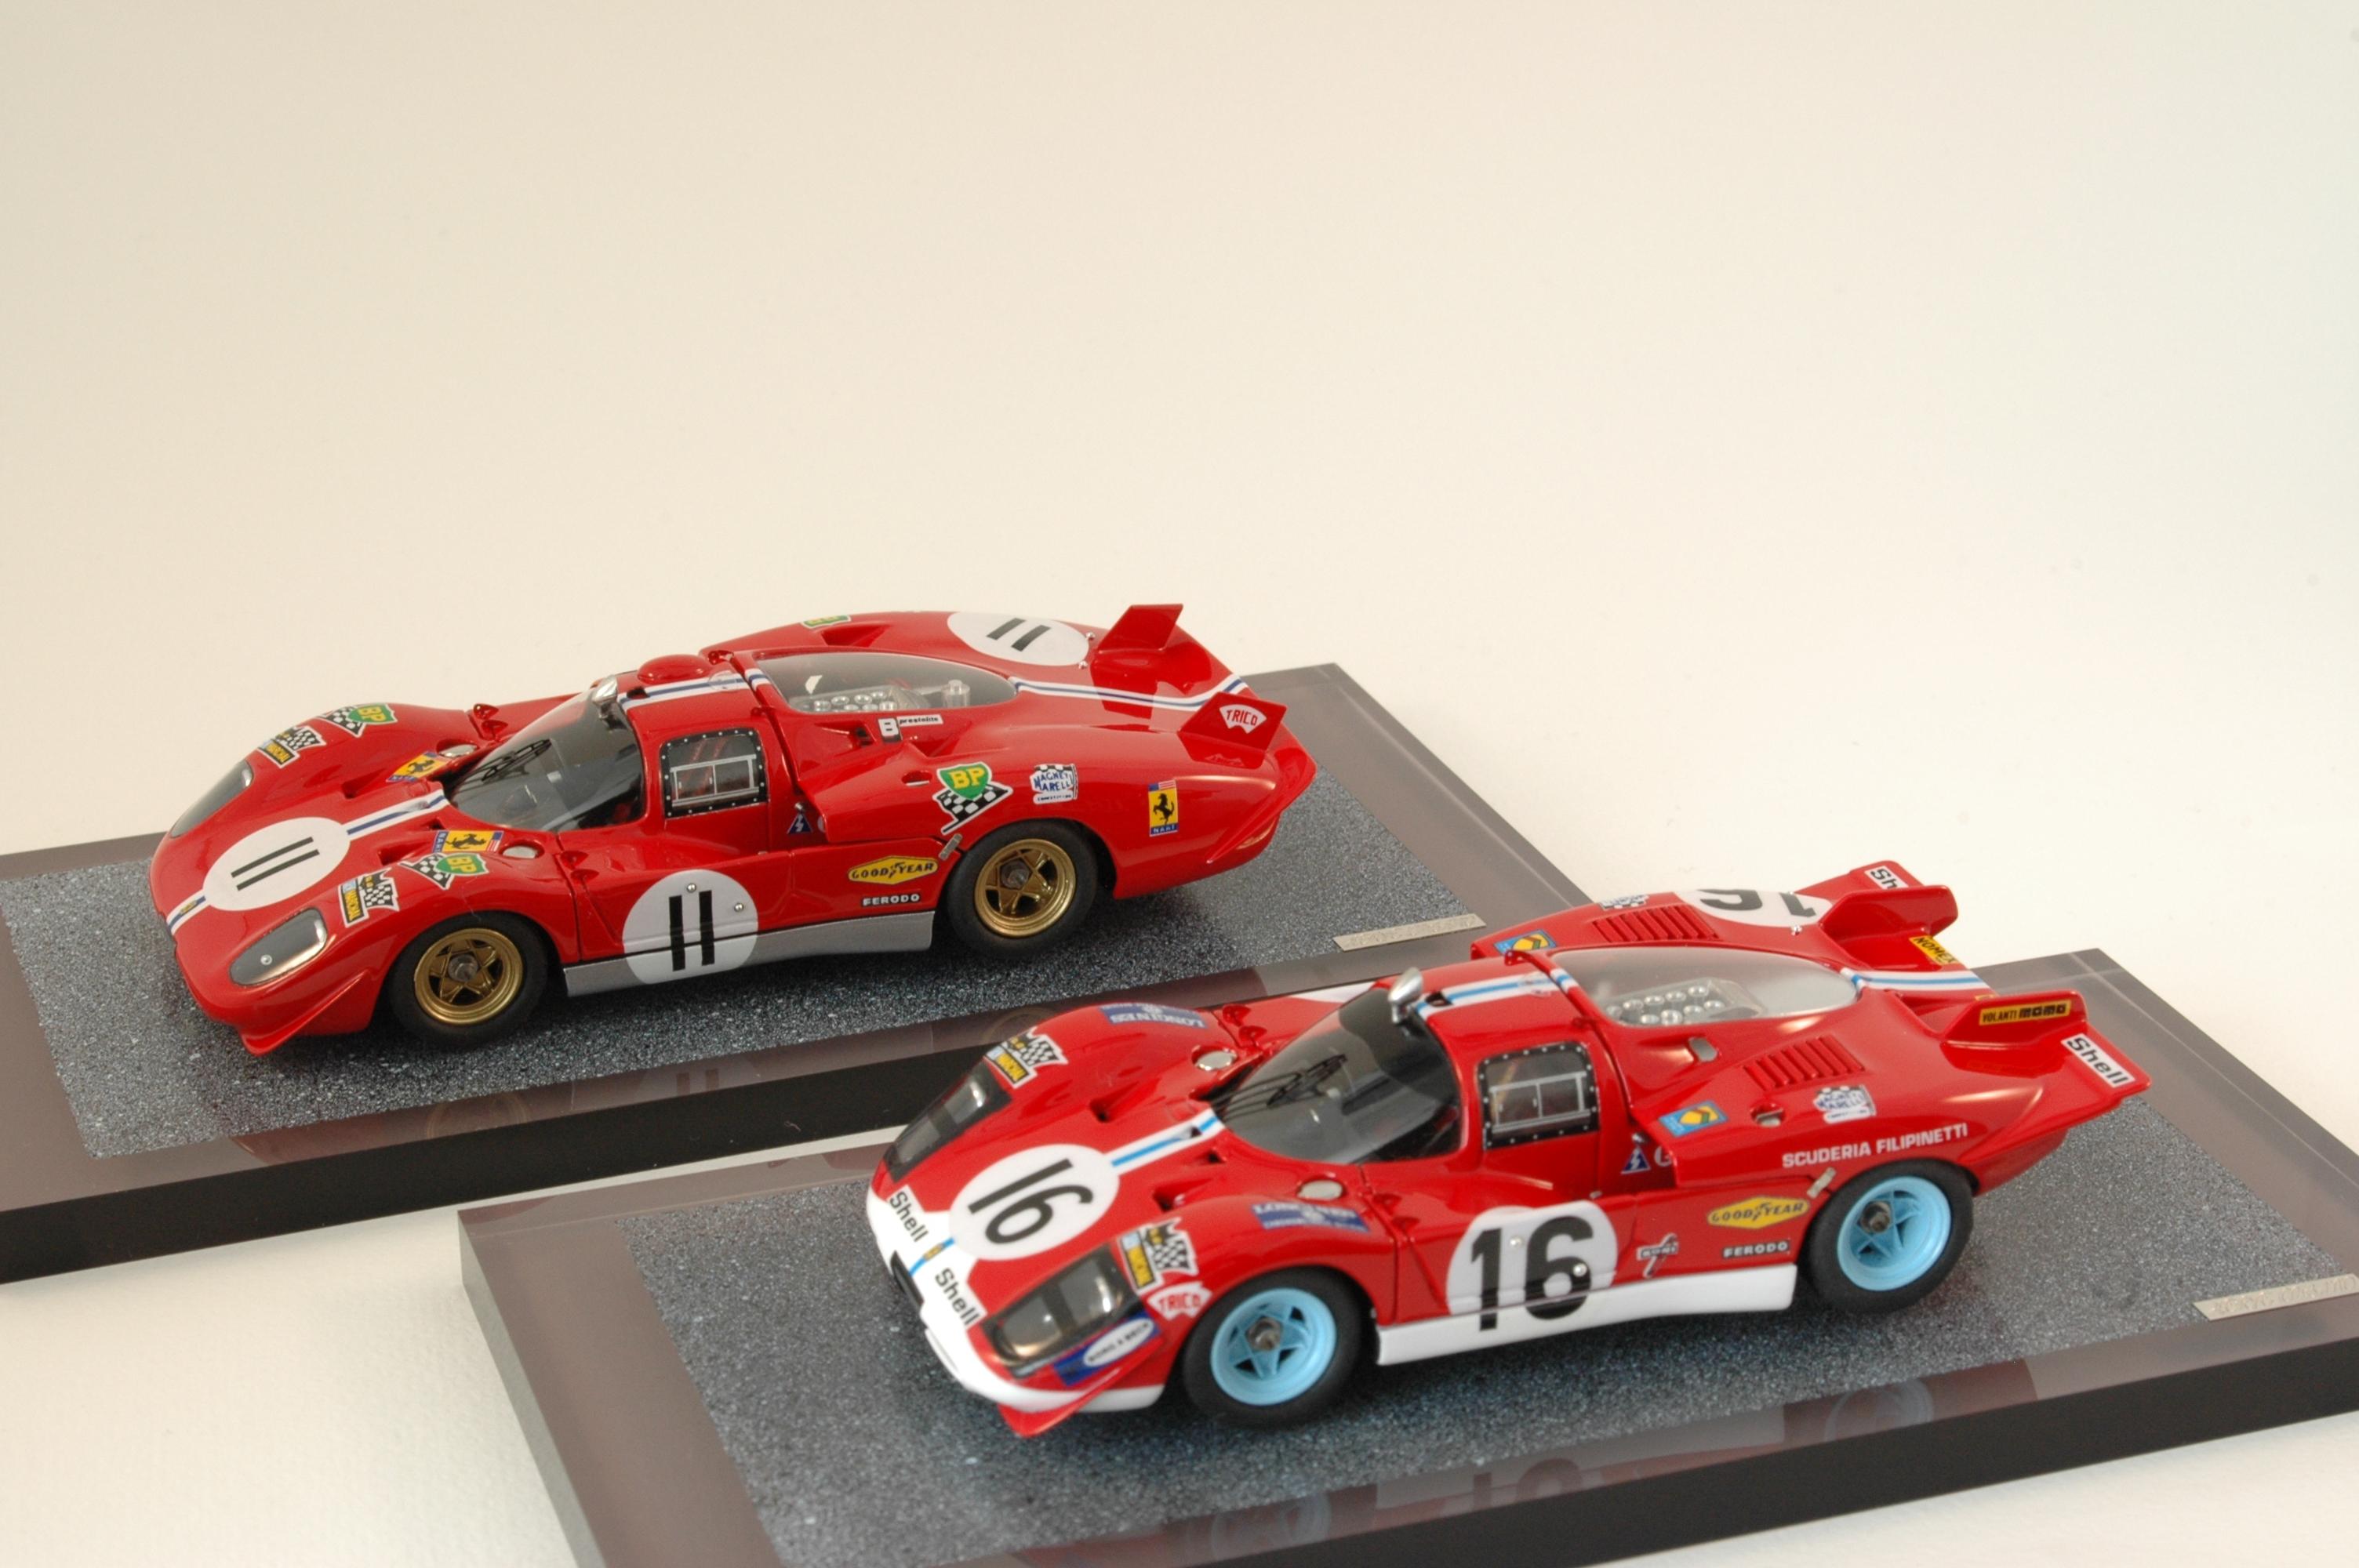 H Duband Ferrari 512 S From Amr Kits Modelart111